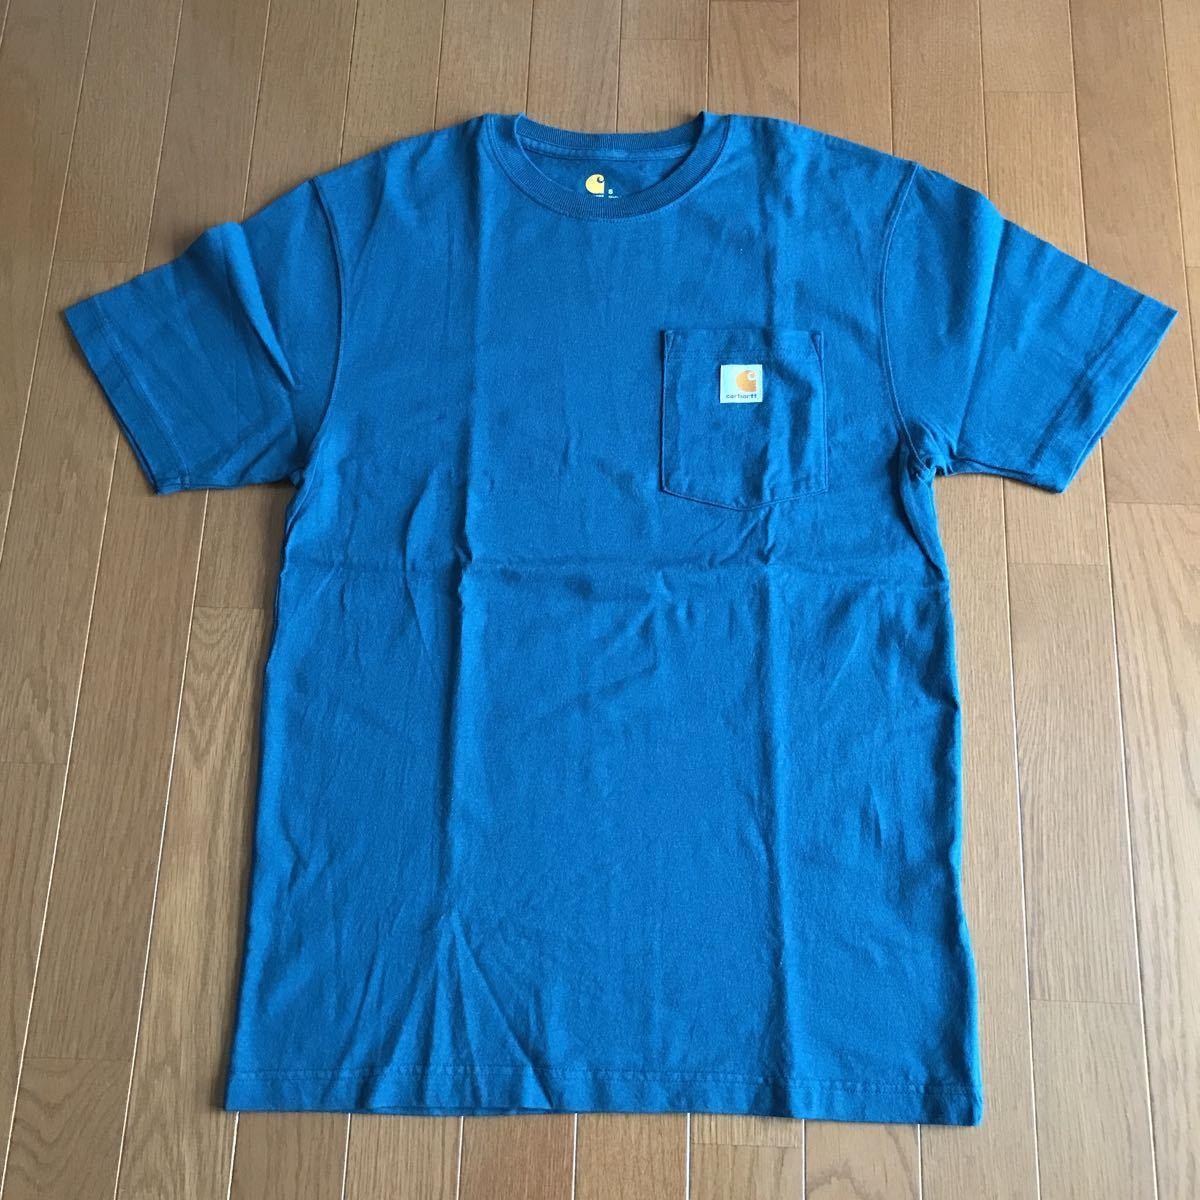 carhartt 半袖Tシャツ_画像1